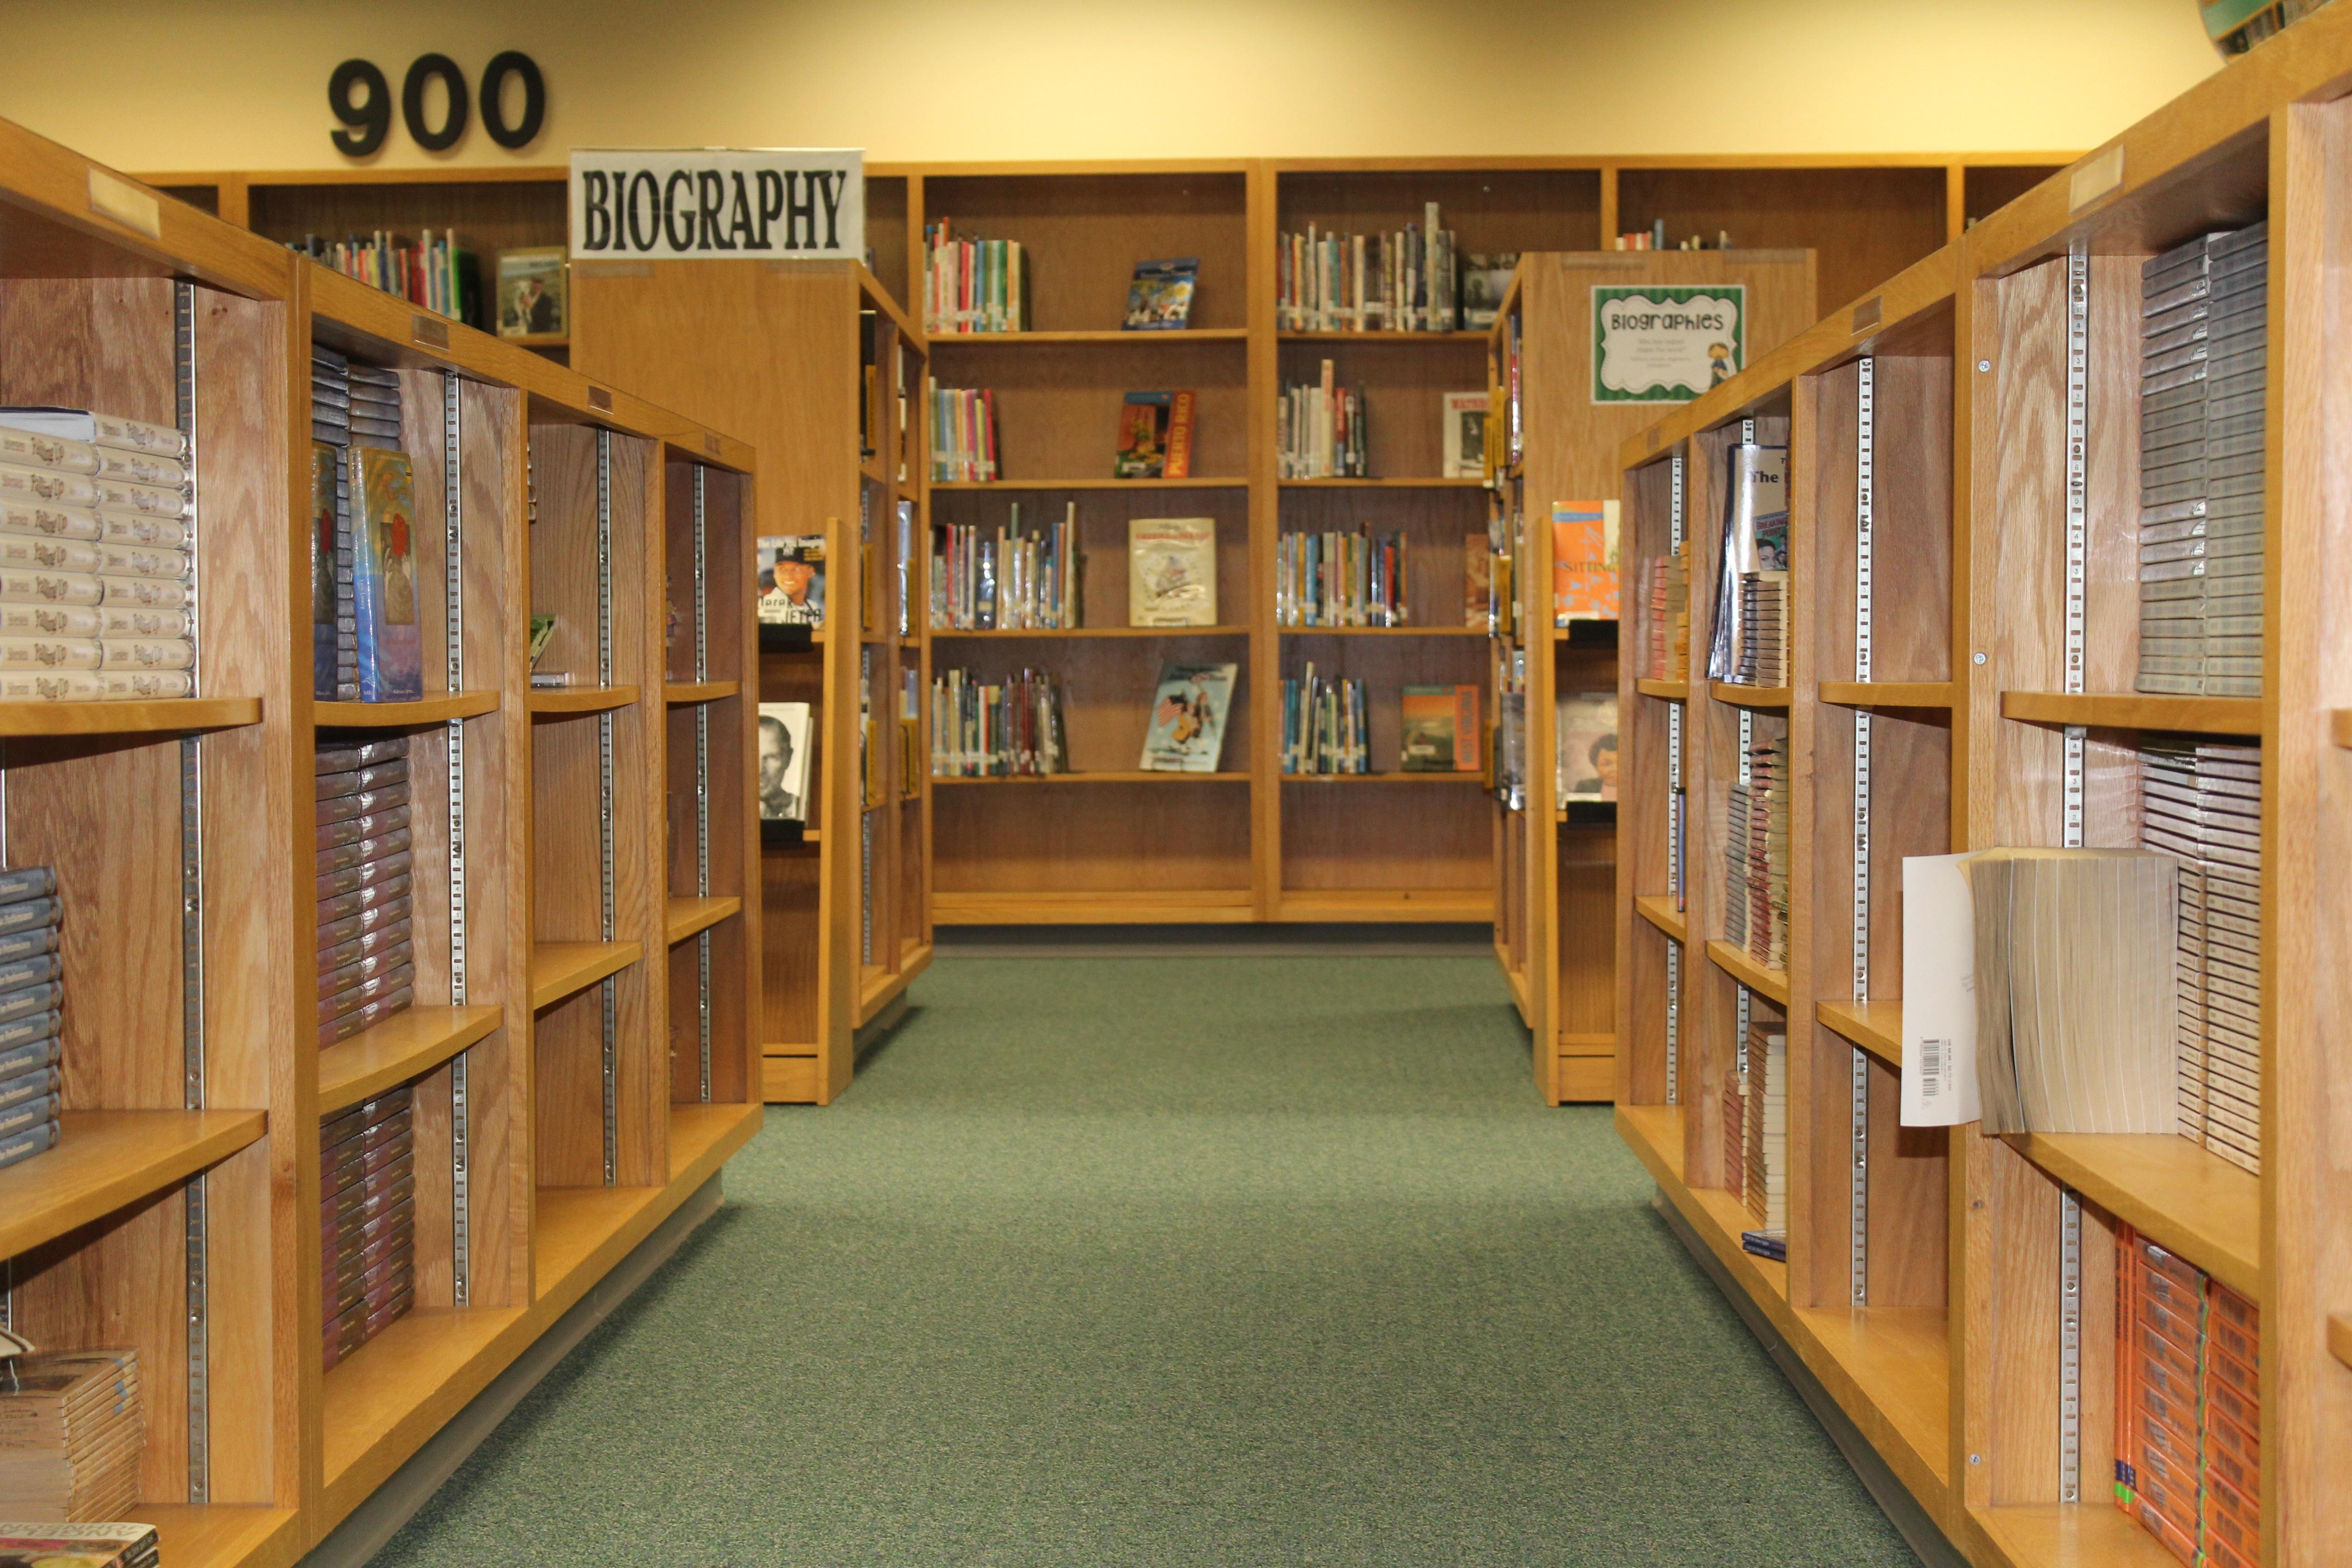 Interior Design Furniture Inventory ~ 무료 이미지 독서 건물 학생 선반 가구 교육 디자인 문학 연구 학교 배우다